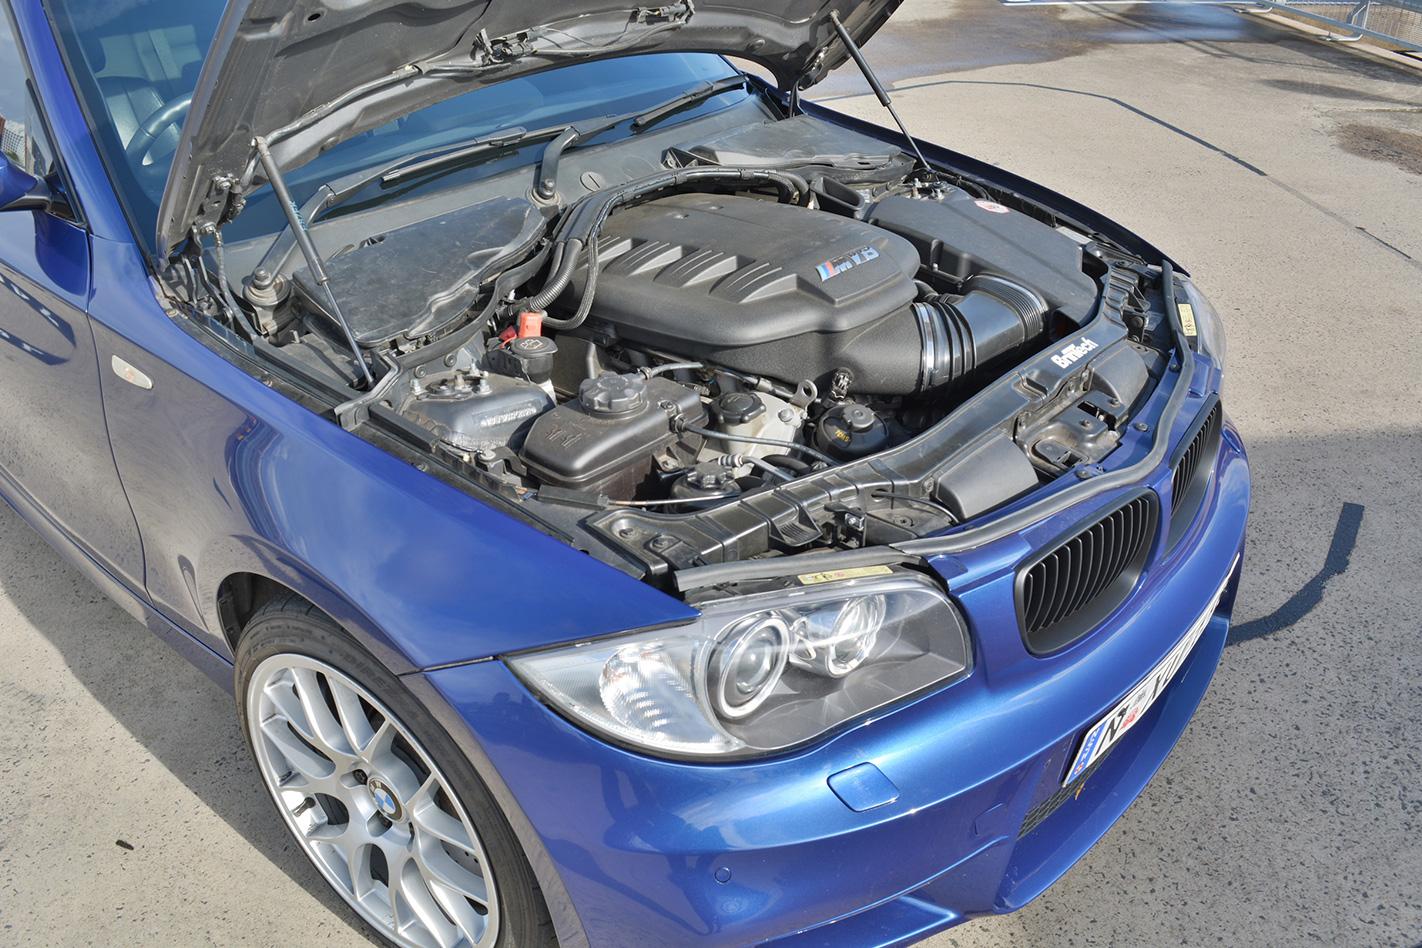 Aussie-engineered V8-powered BMW 1 Series